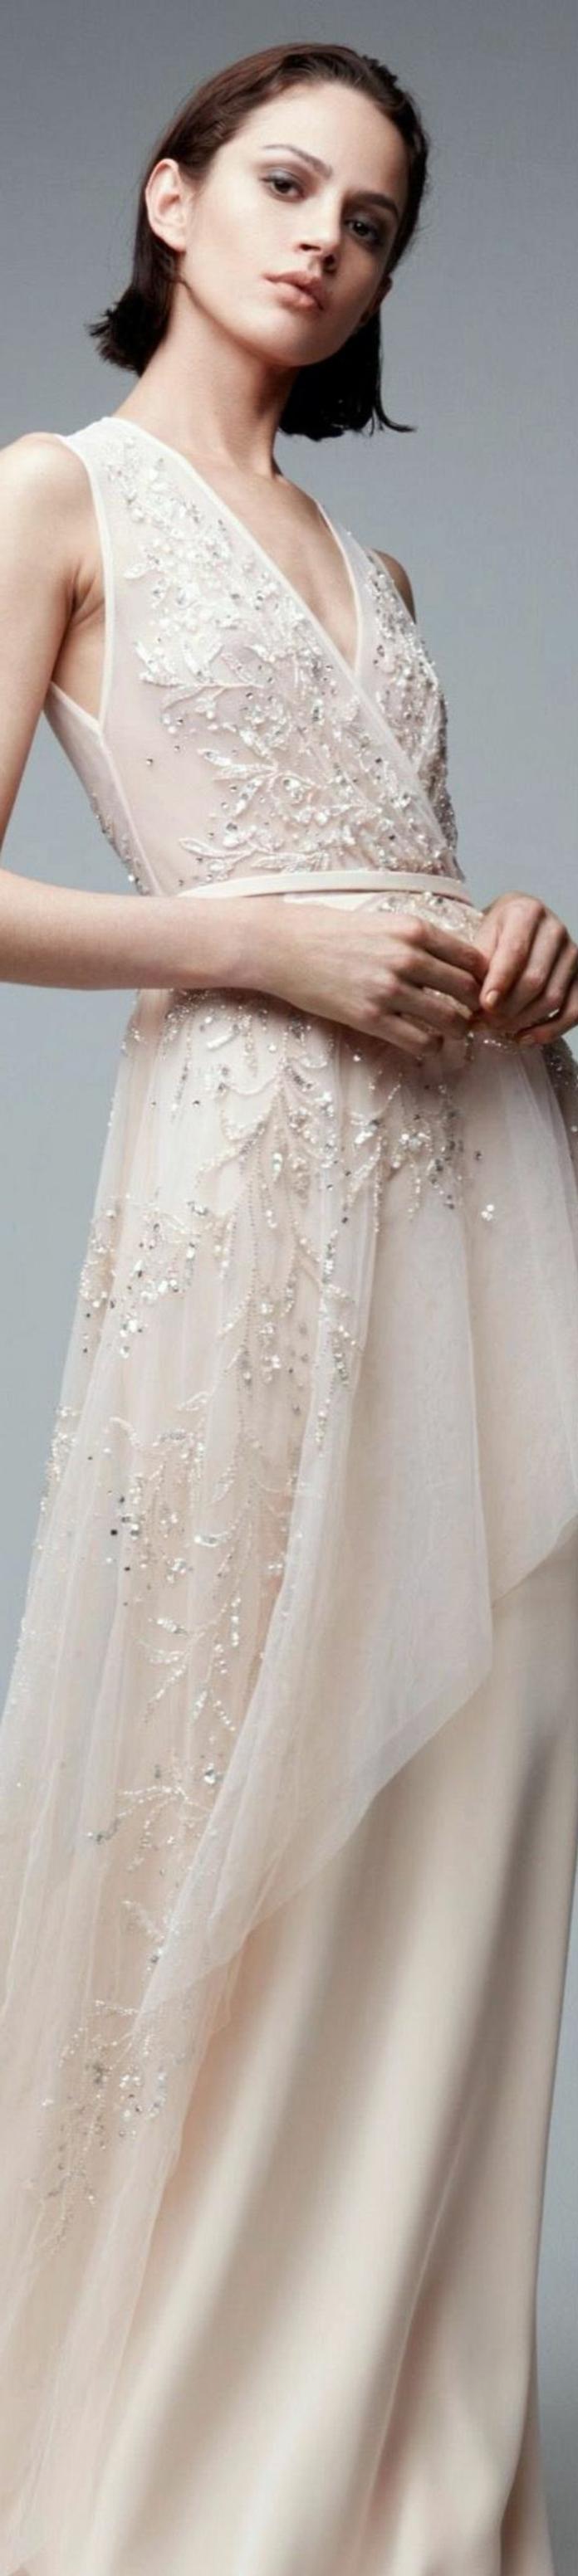 robe de mariée colorée, modèle simple avec broderies et paillettes